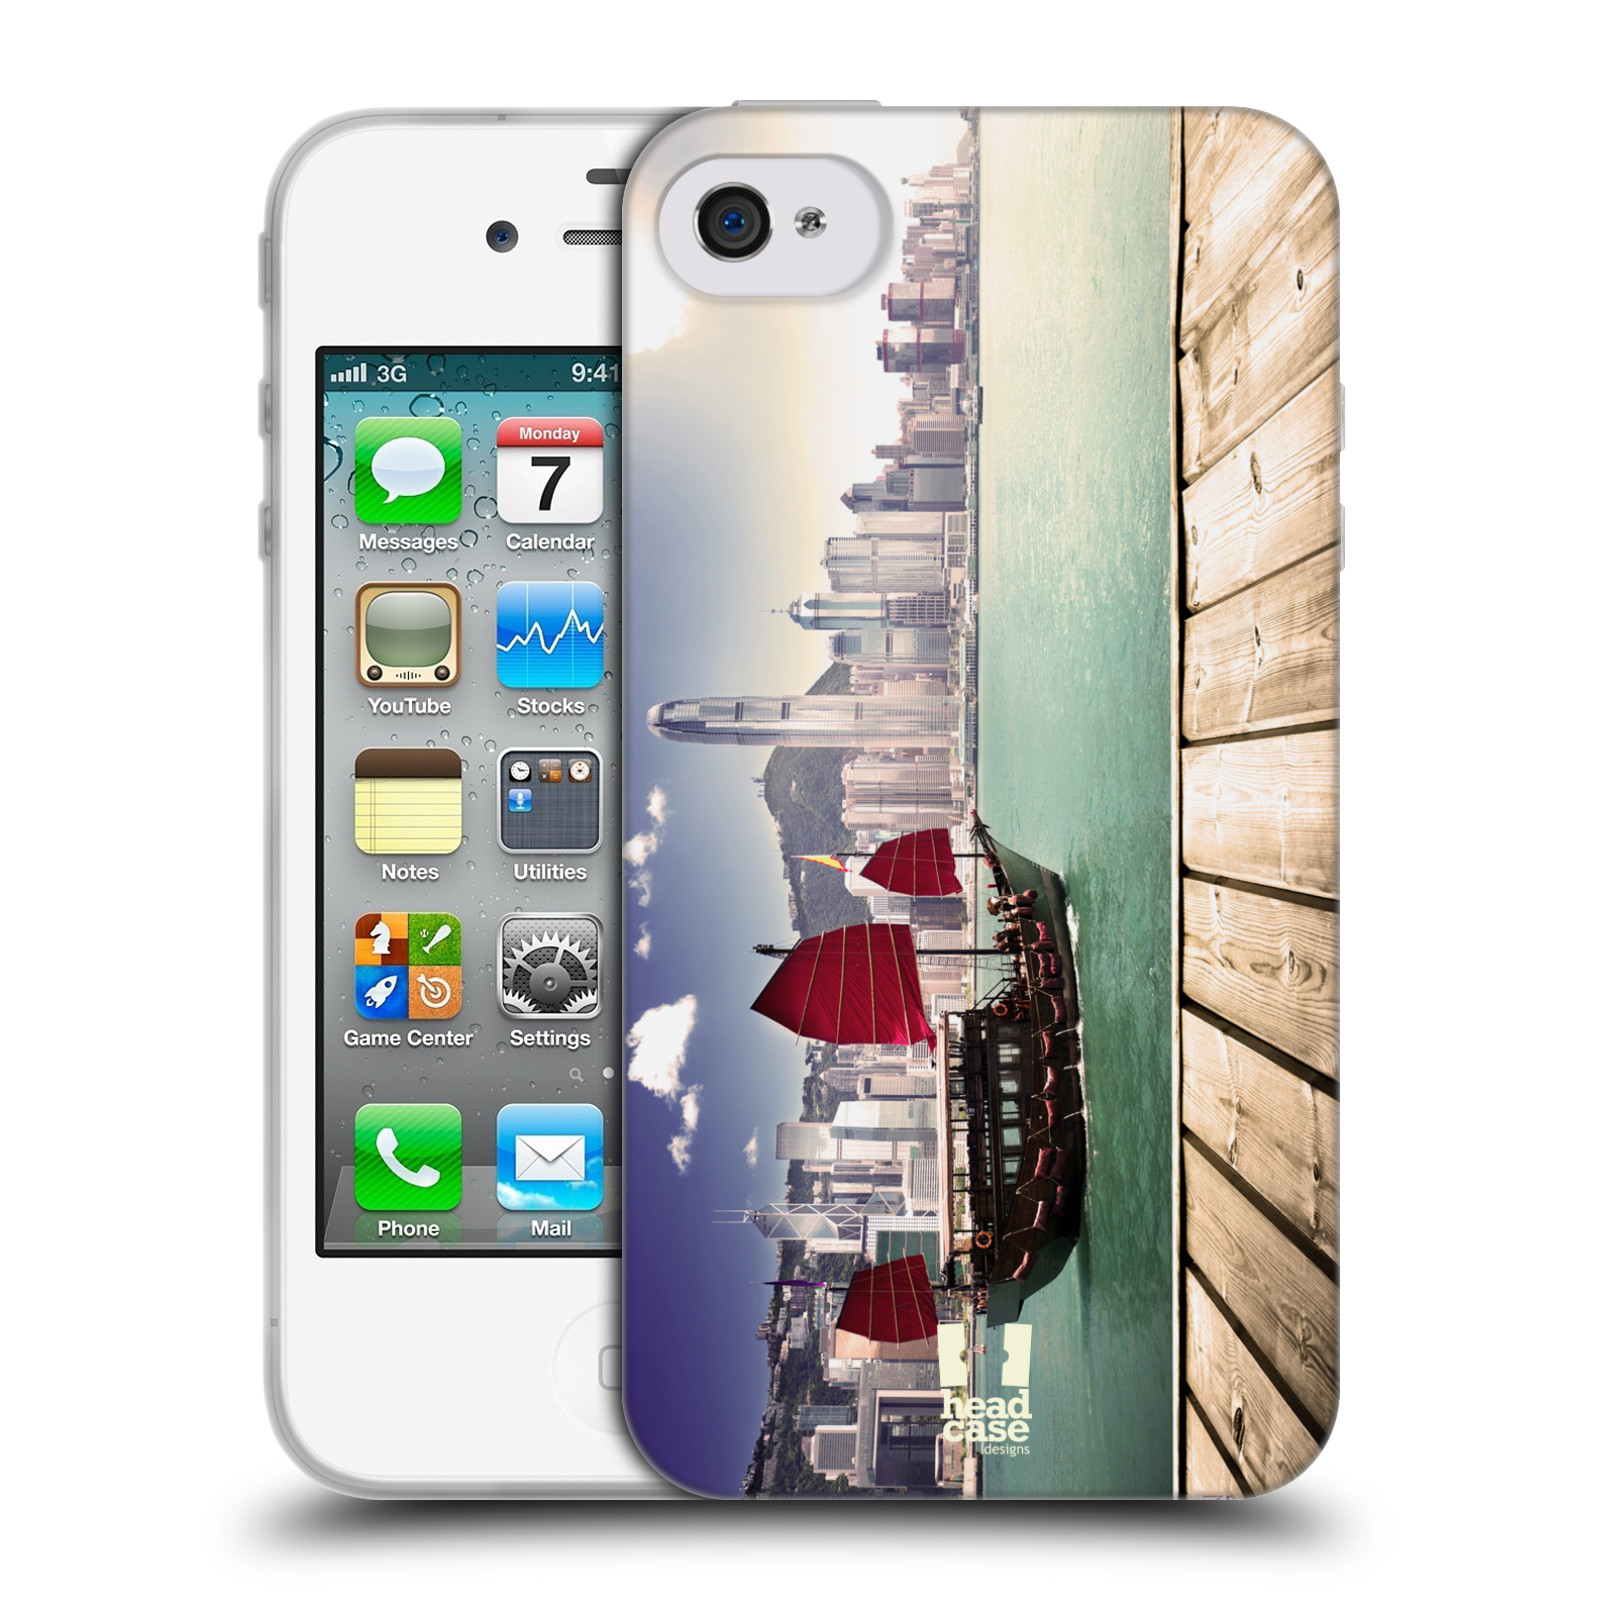 HEAD CASE silikonový obal na mobil Apple Iphone 4/4S vzor Města foto náměstí ČÍNA, HONG KONG, PŘÍSTAV